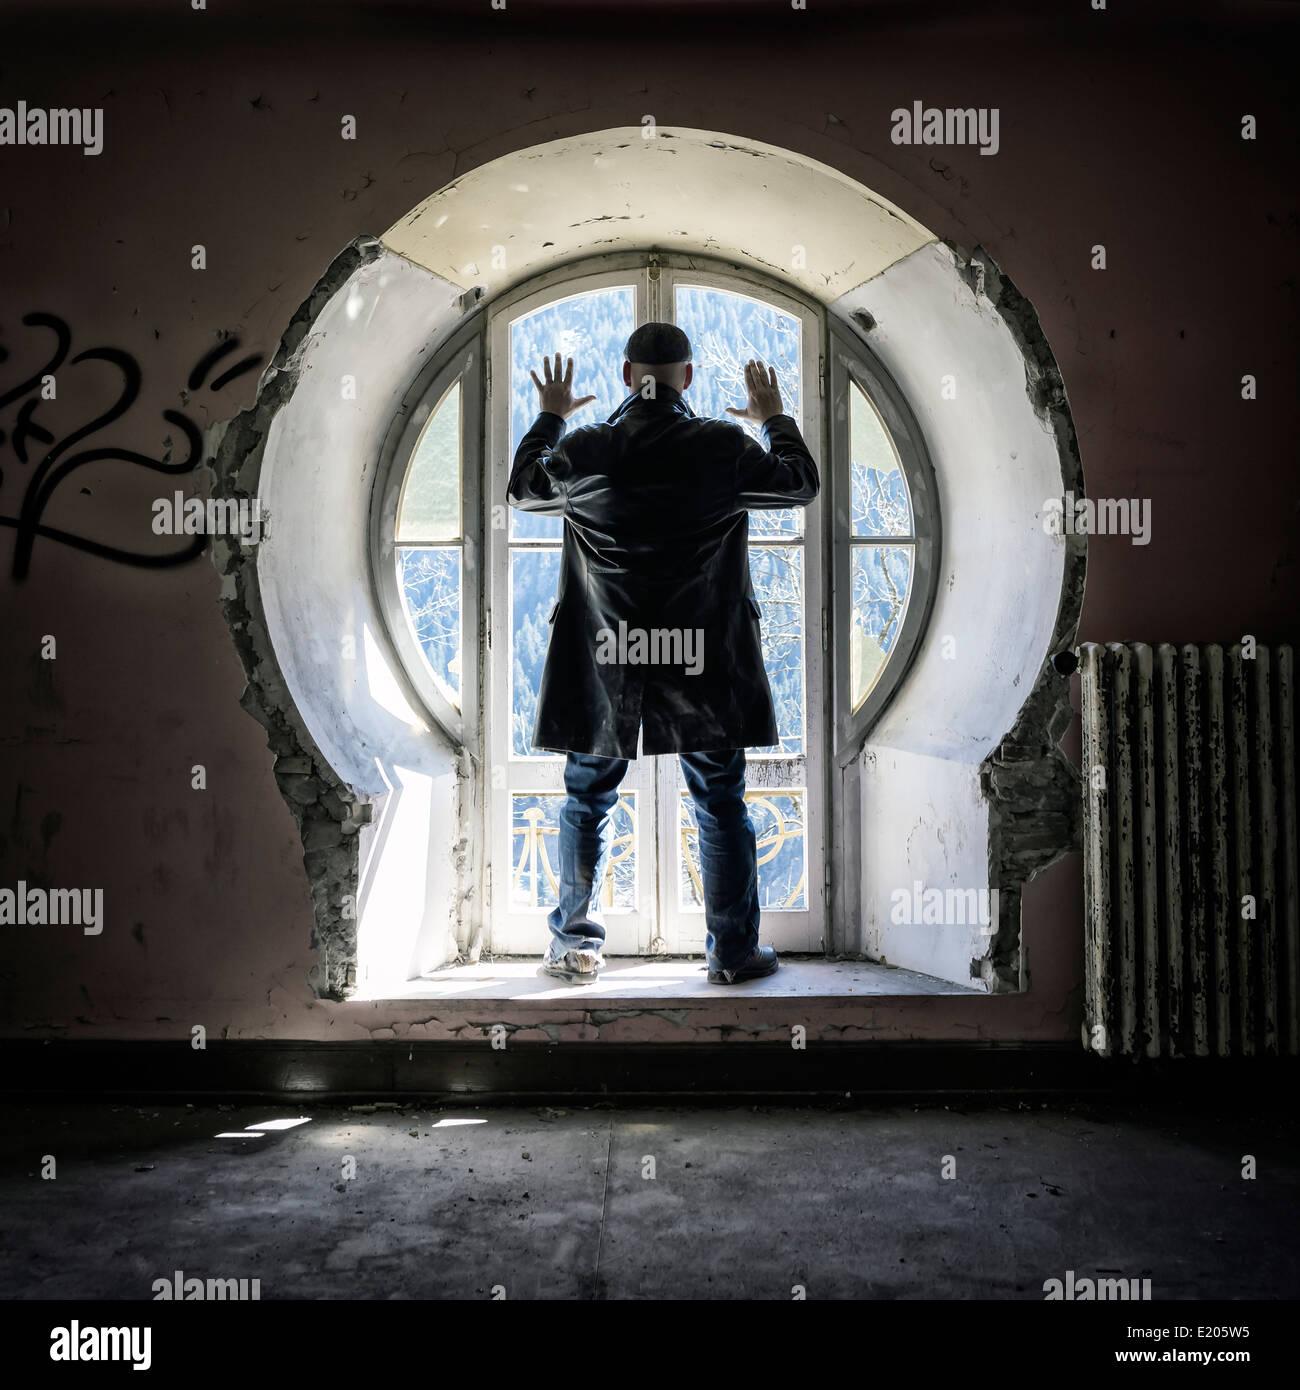 ein Mann vor einem alten Fenster in einem verlassenen Gebäude Stockbild